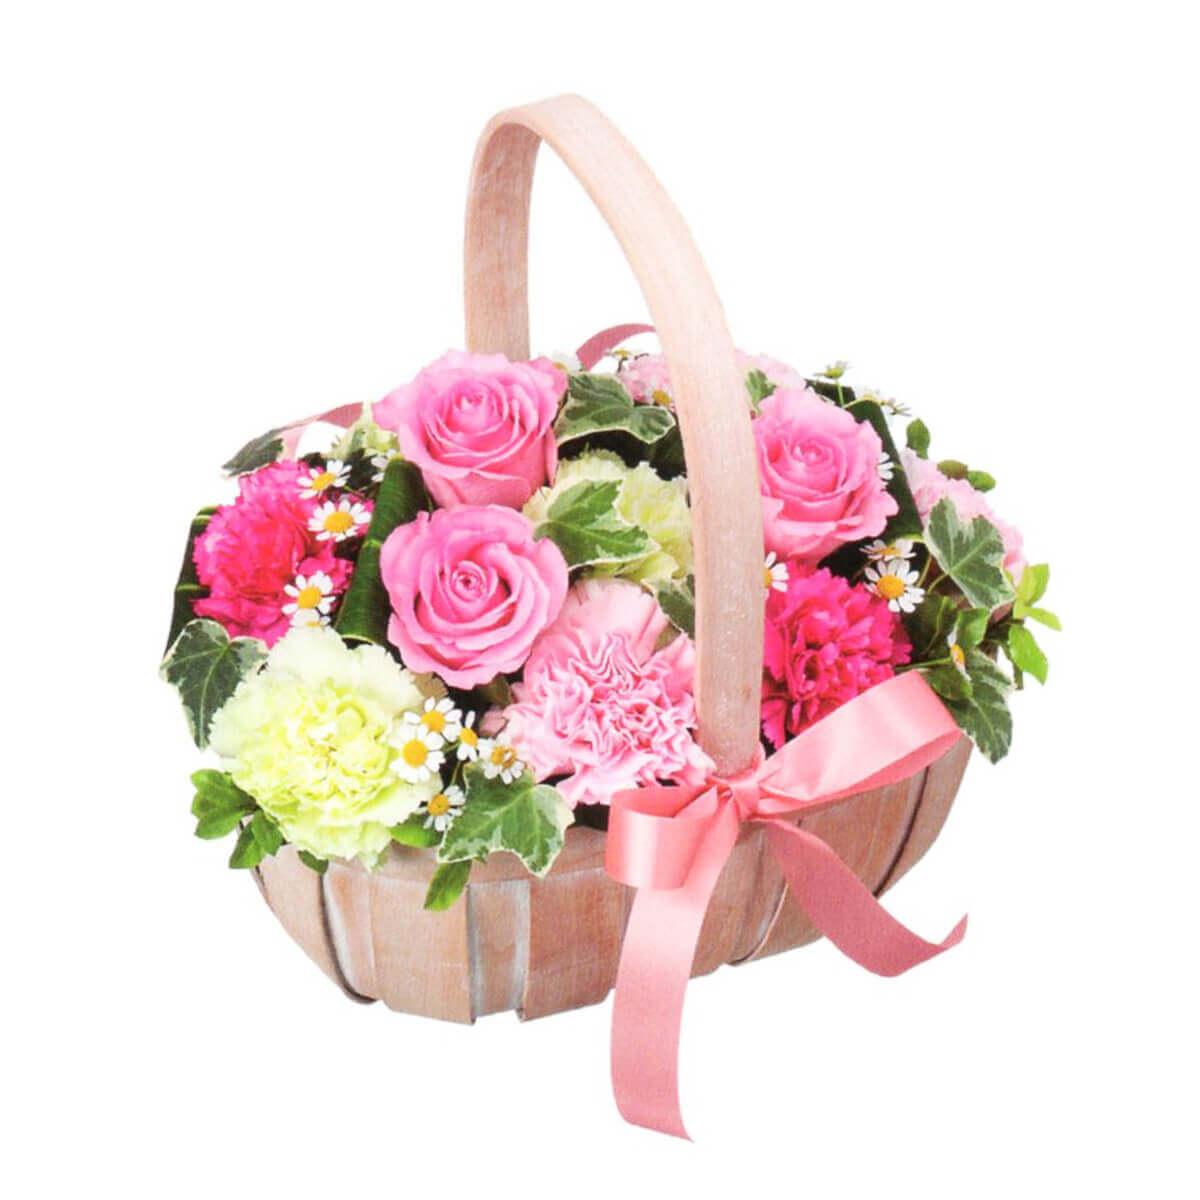 花はるのプレゼント用祝い花6